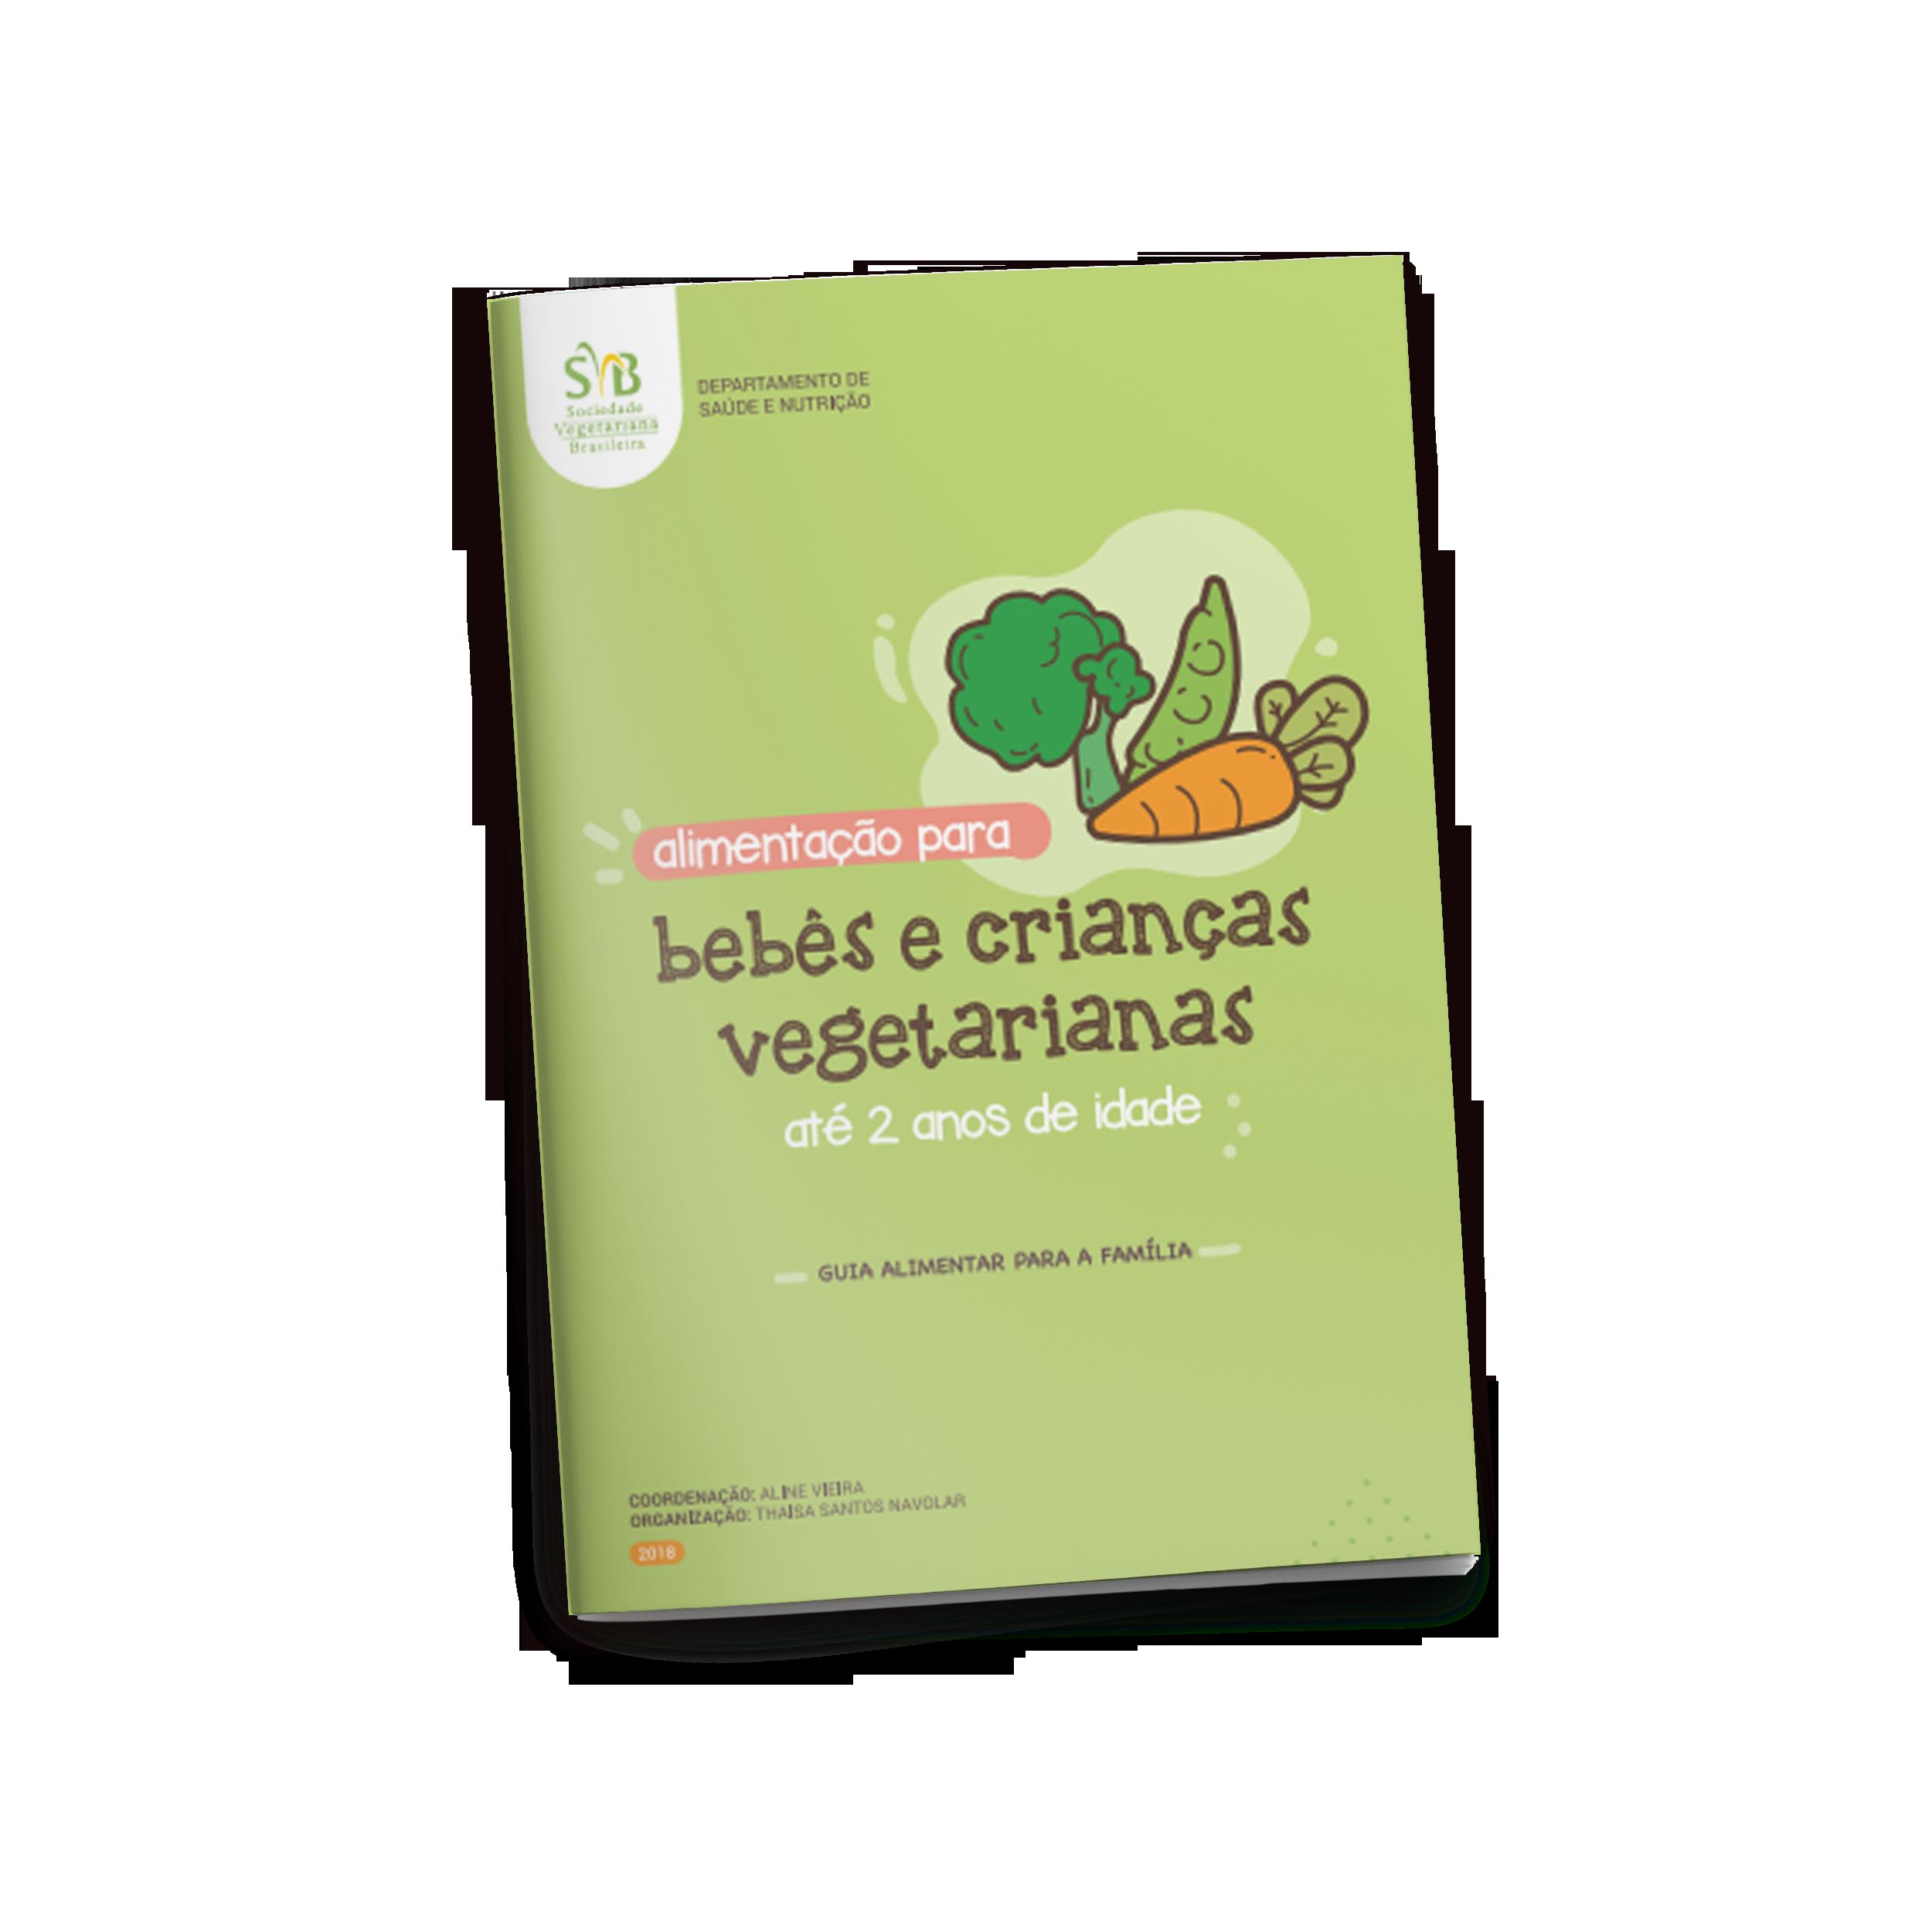 alimentação-para-bebes-e-crianças-vegetarianas